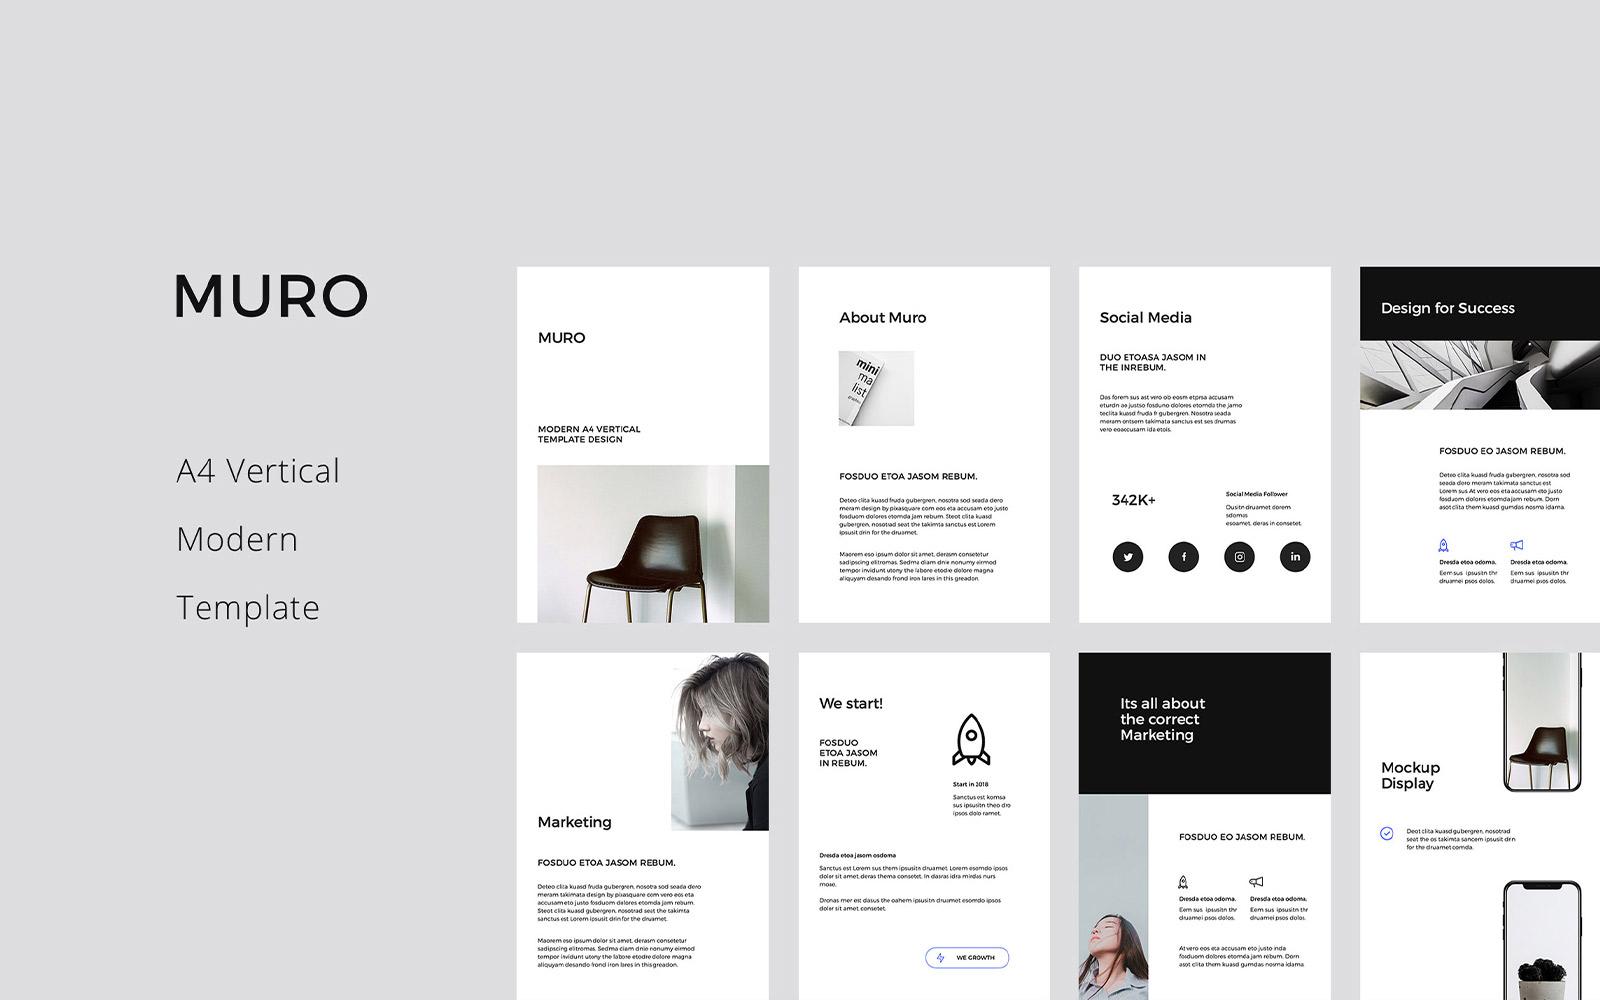 MURO - A4 Vertical PowerPoint Template